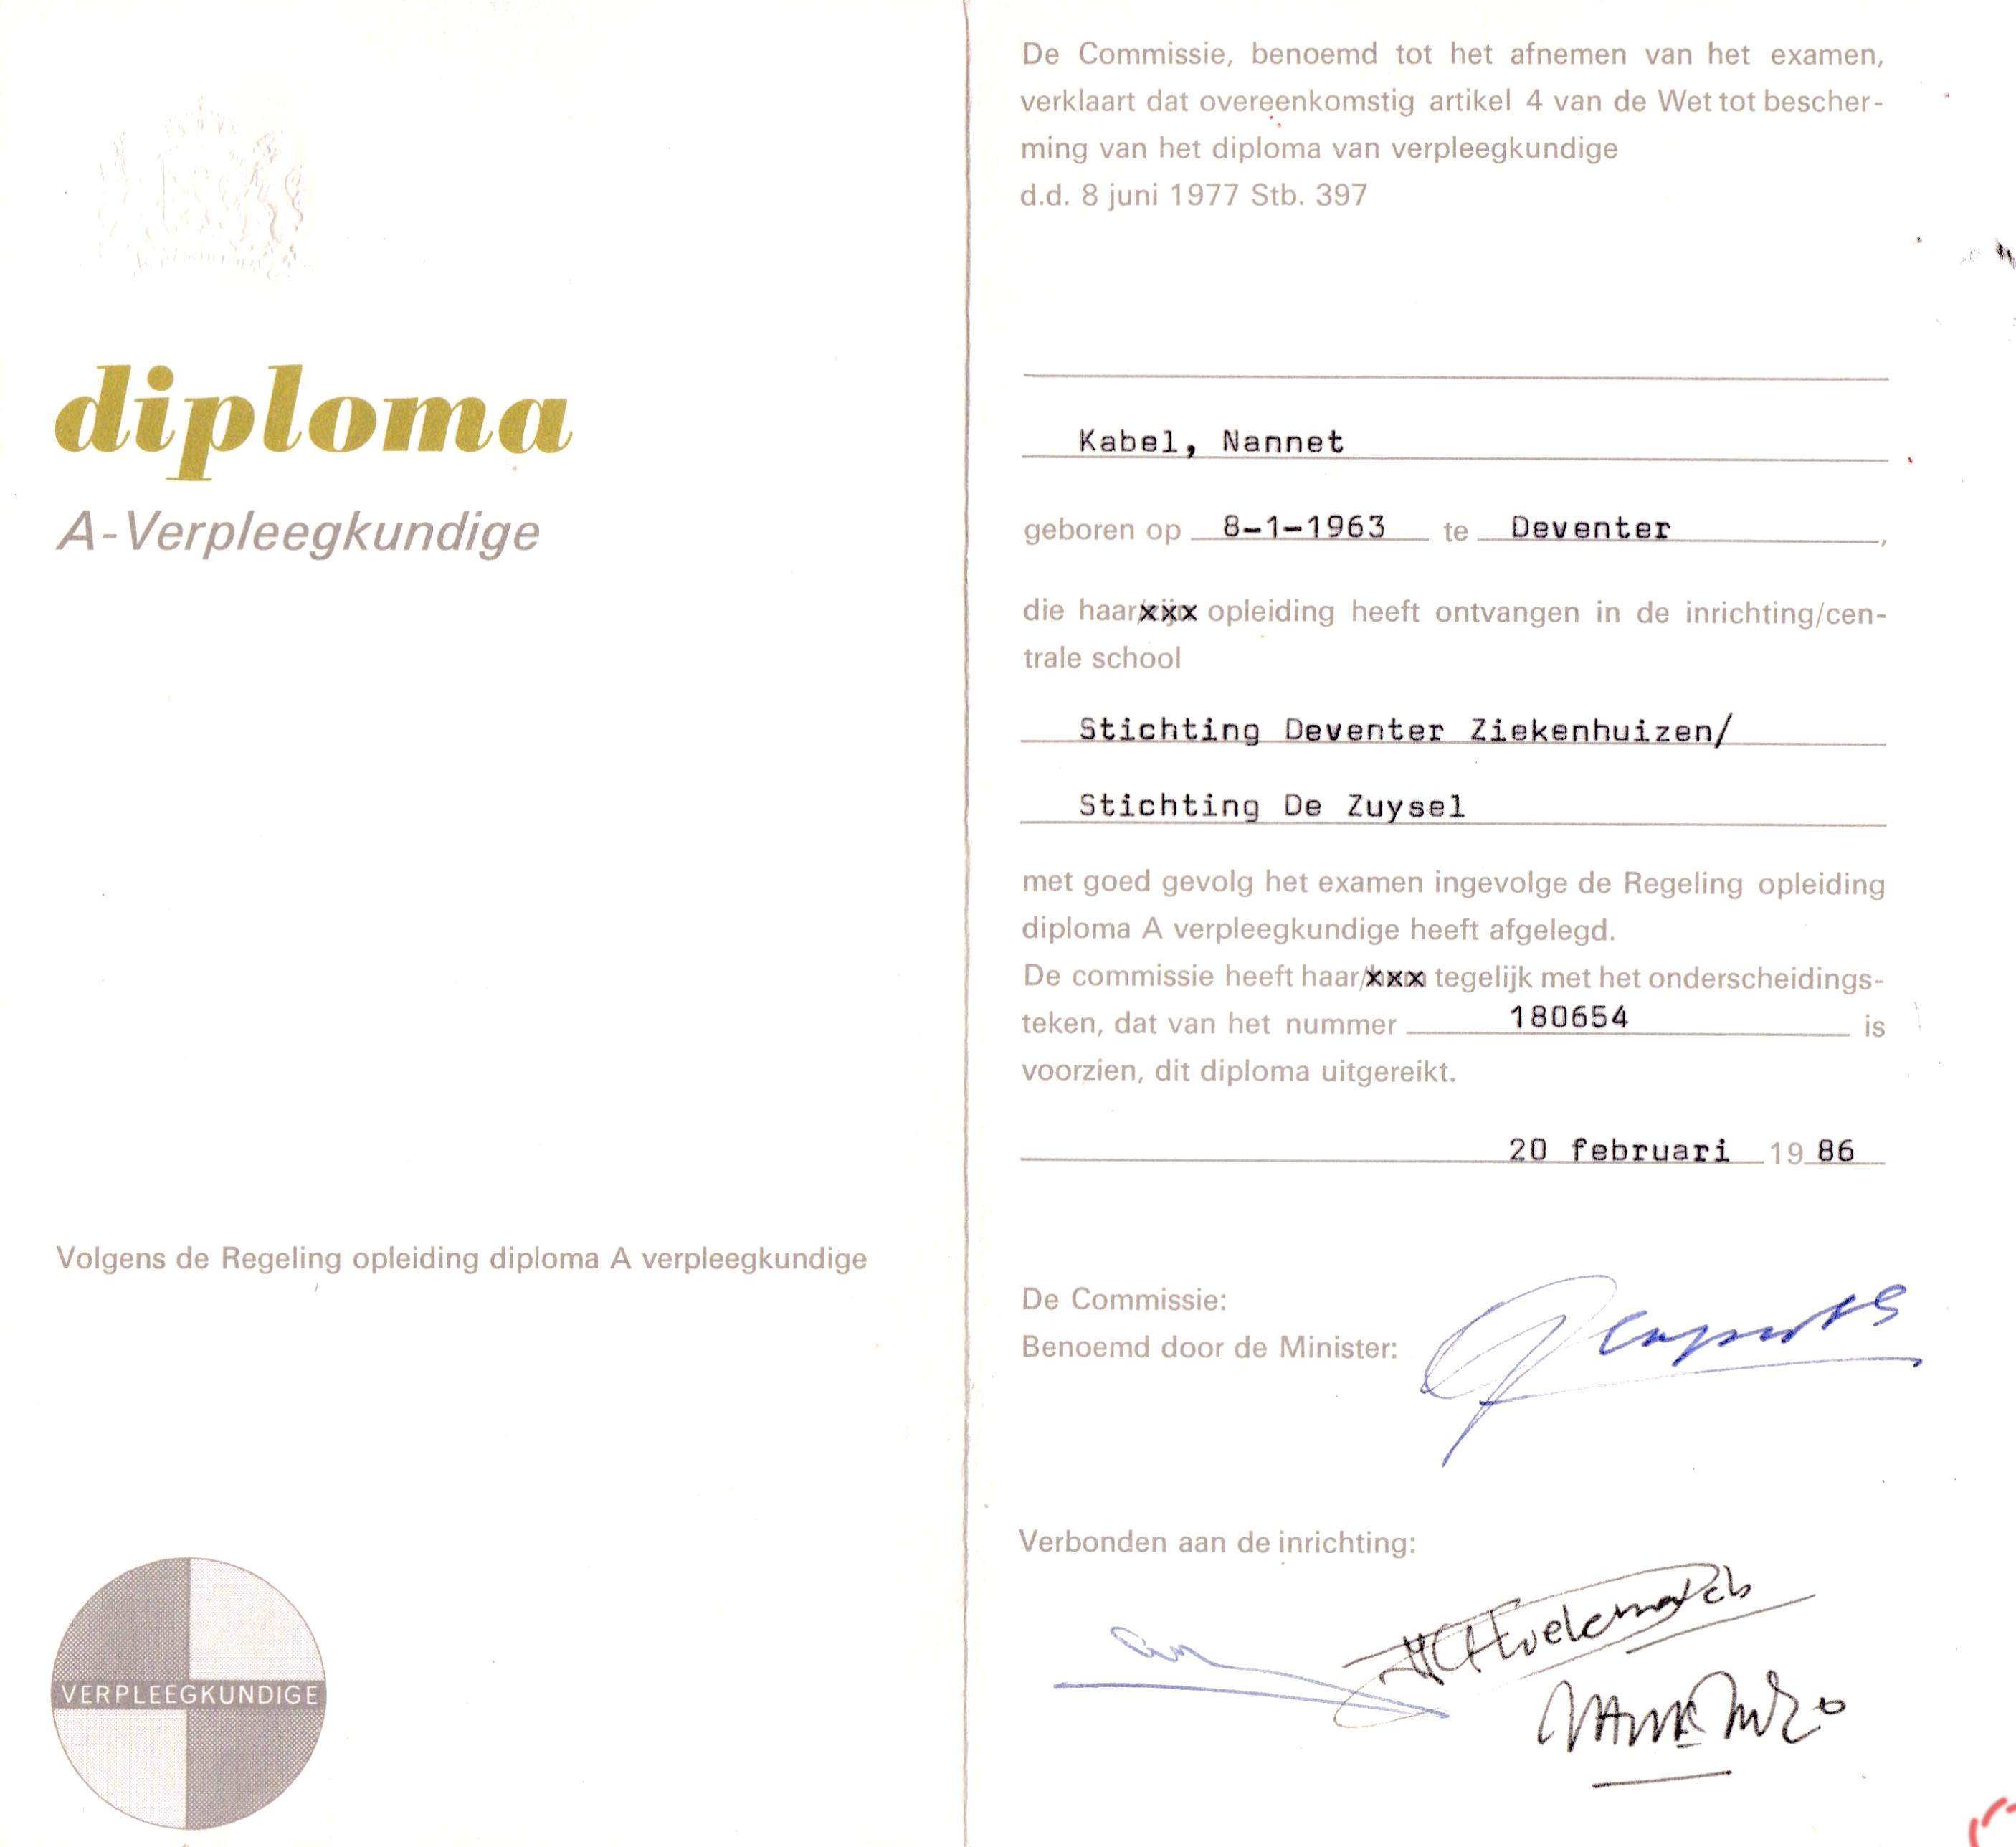 Nannet Kabel Diploma A-verpleegkundige